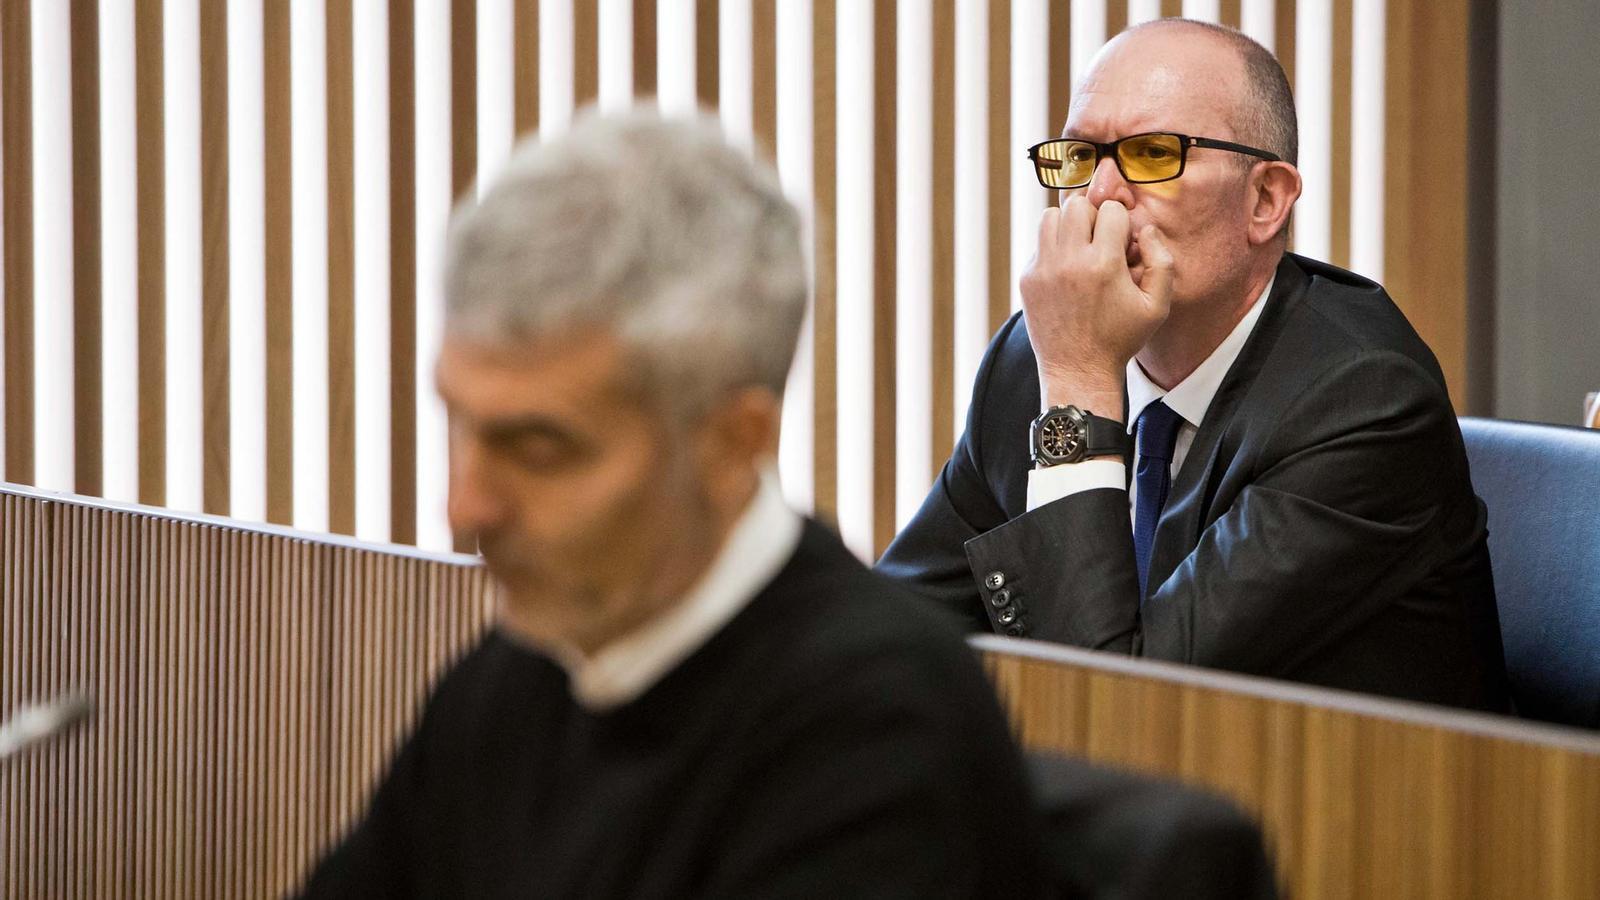 El conseller general del grup parlamentari socialdemòcrata, Quim Miró. / PS